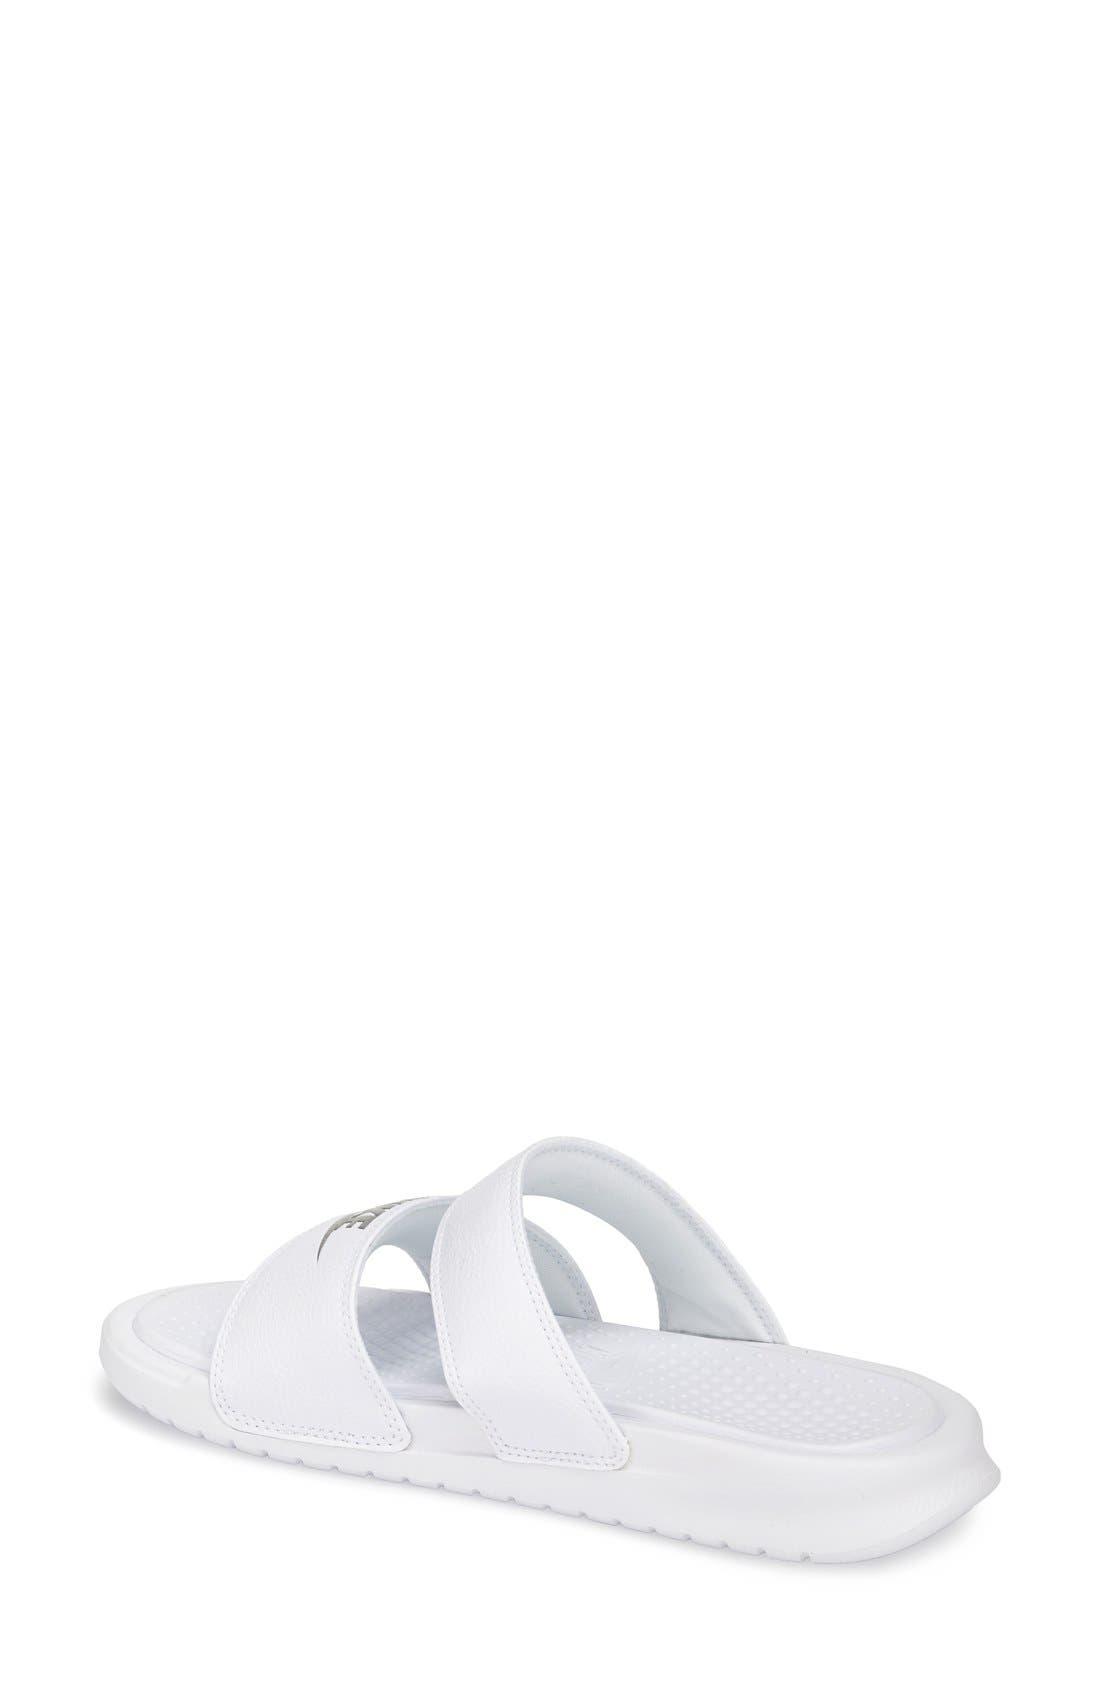 'Benassi - Ultra' Slide Sandal,                             Alternate thumbnail 2, color,                             White/ Metallic Silver